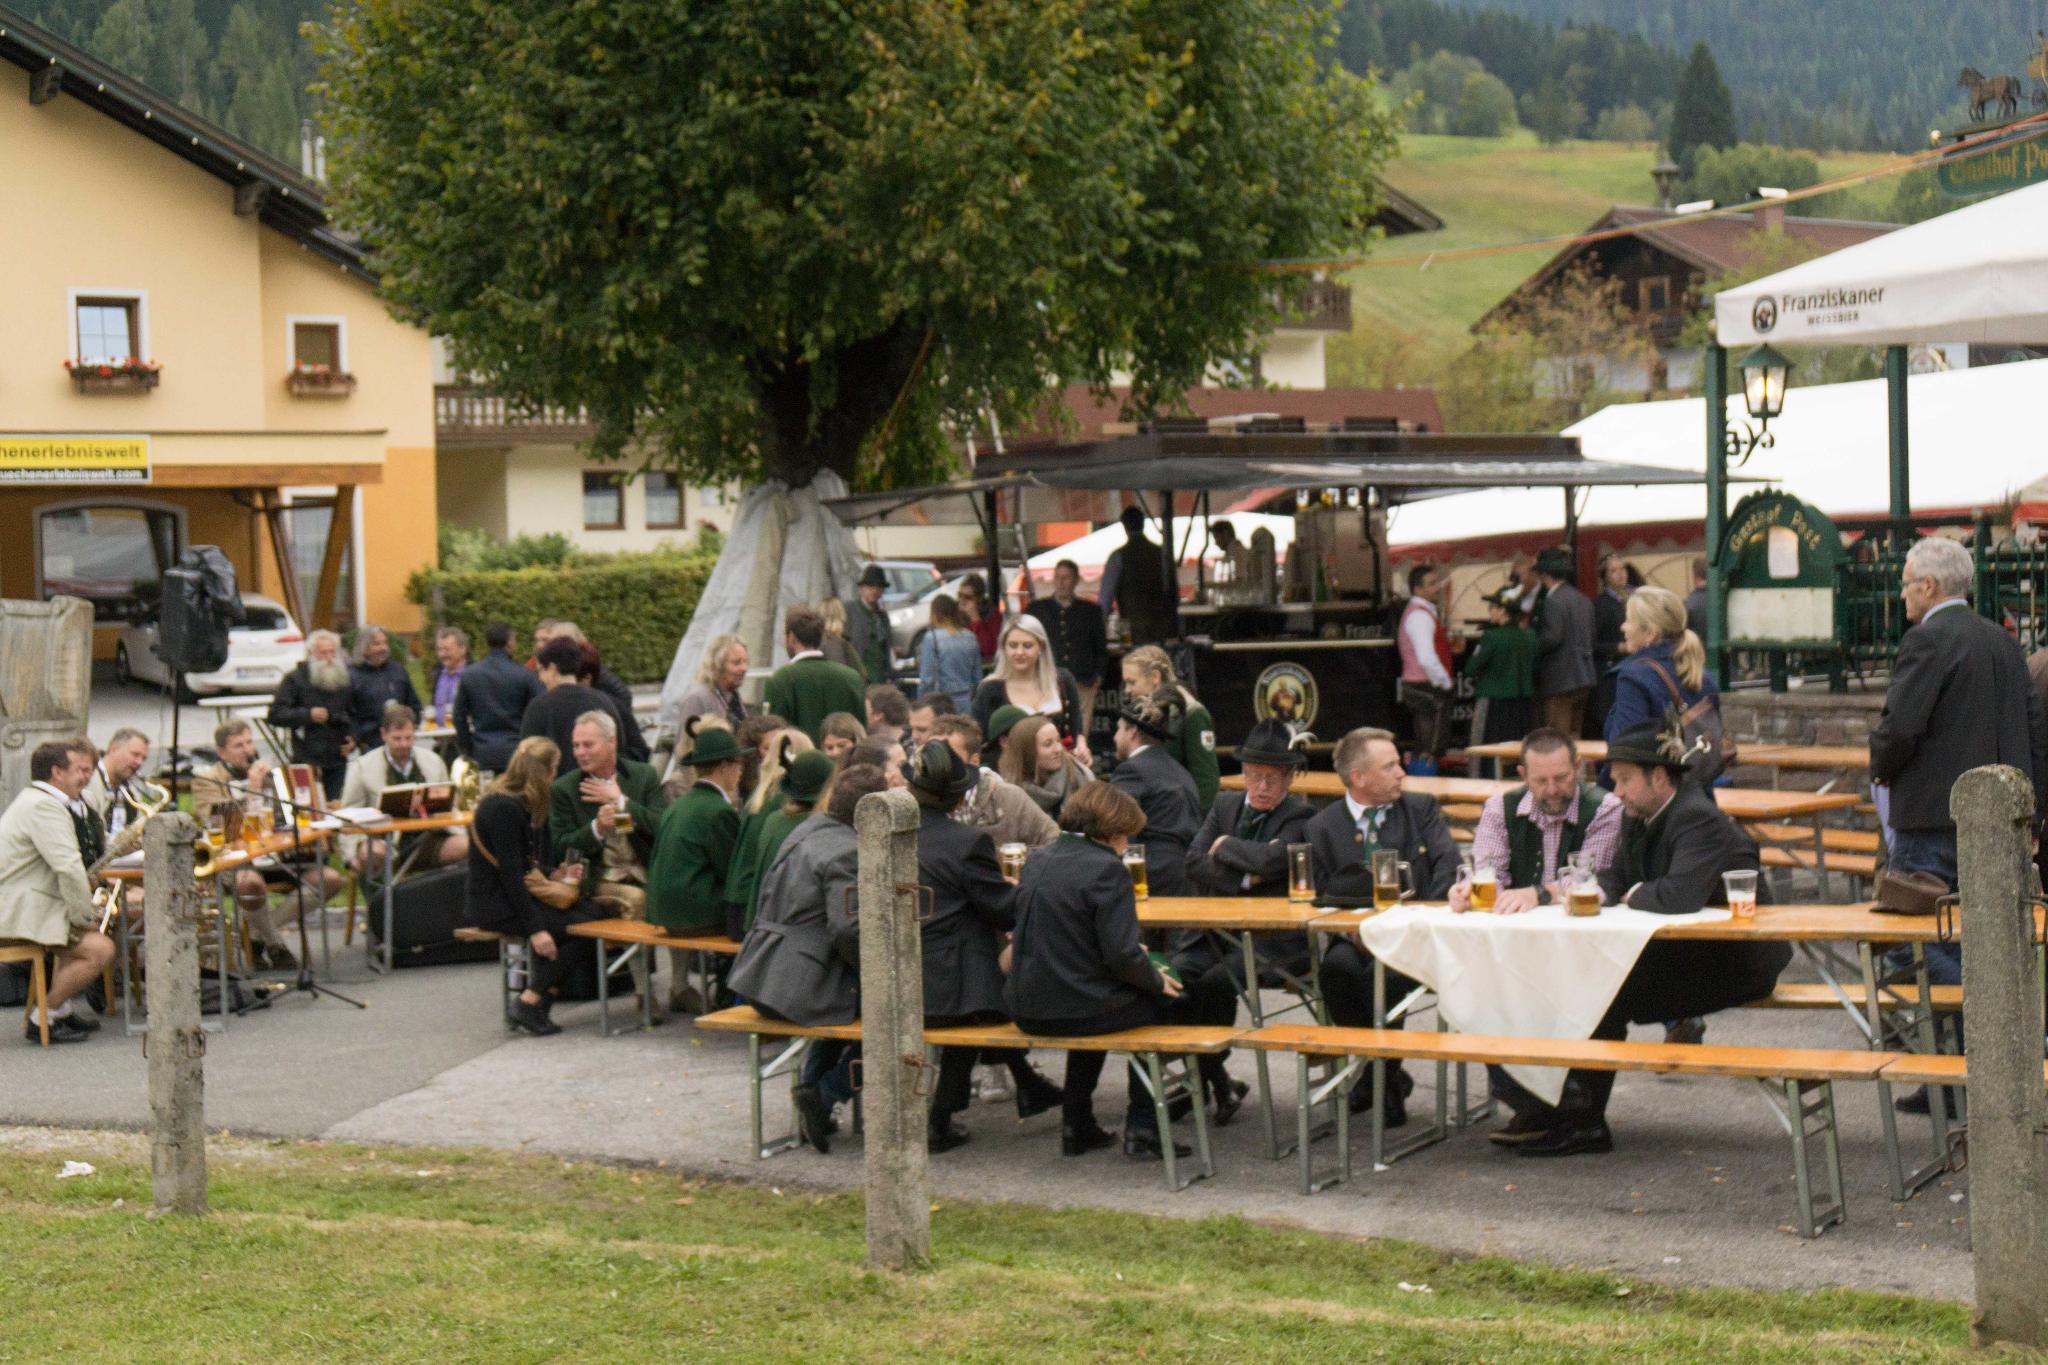 【奧地利】阿爾卑斯迷迷路!遇見美麗的奧地利風情小鎮:滕嫩山麓聖馬丁 16